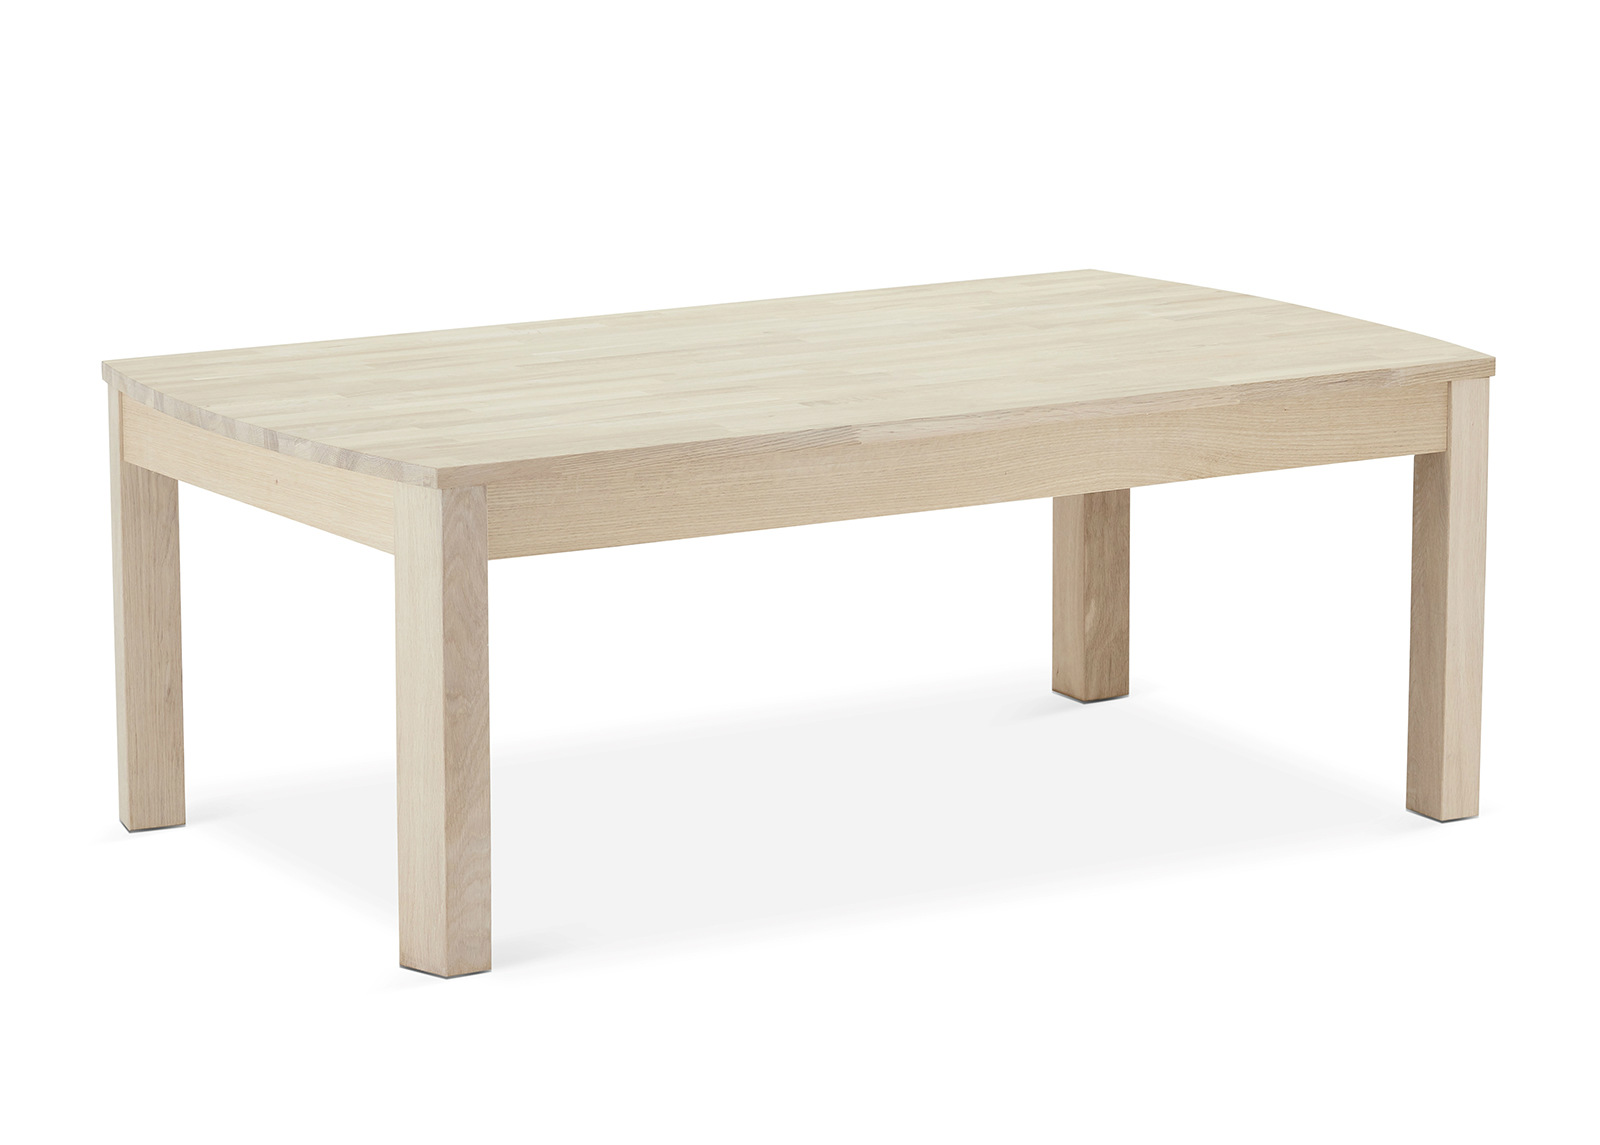 Sohvapöytä Paris 140x80 cm